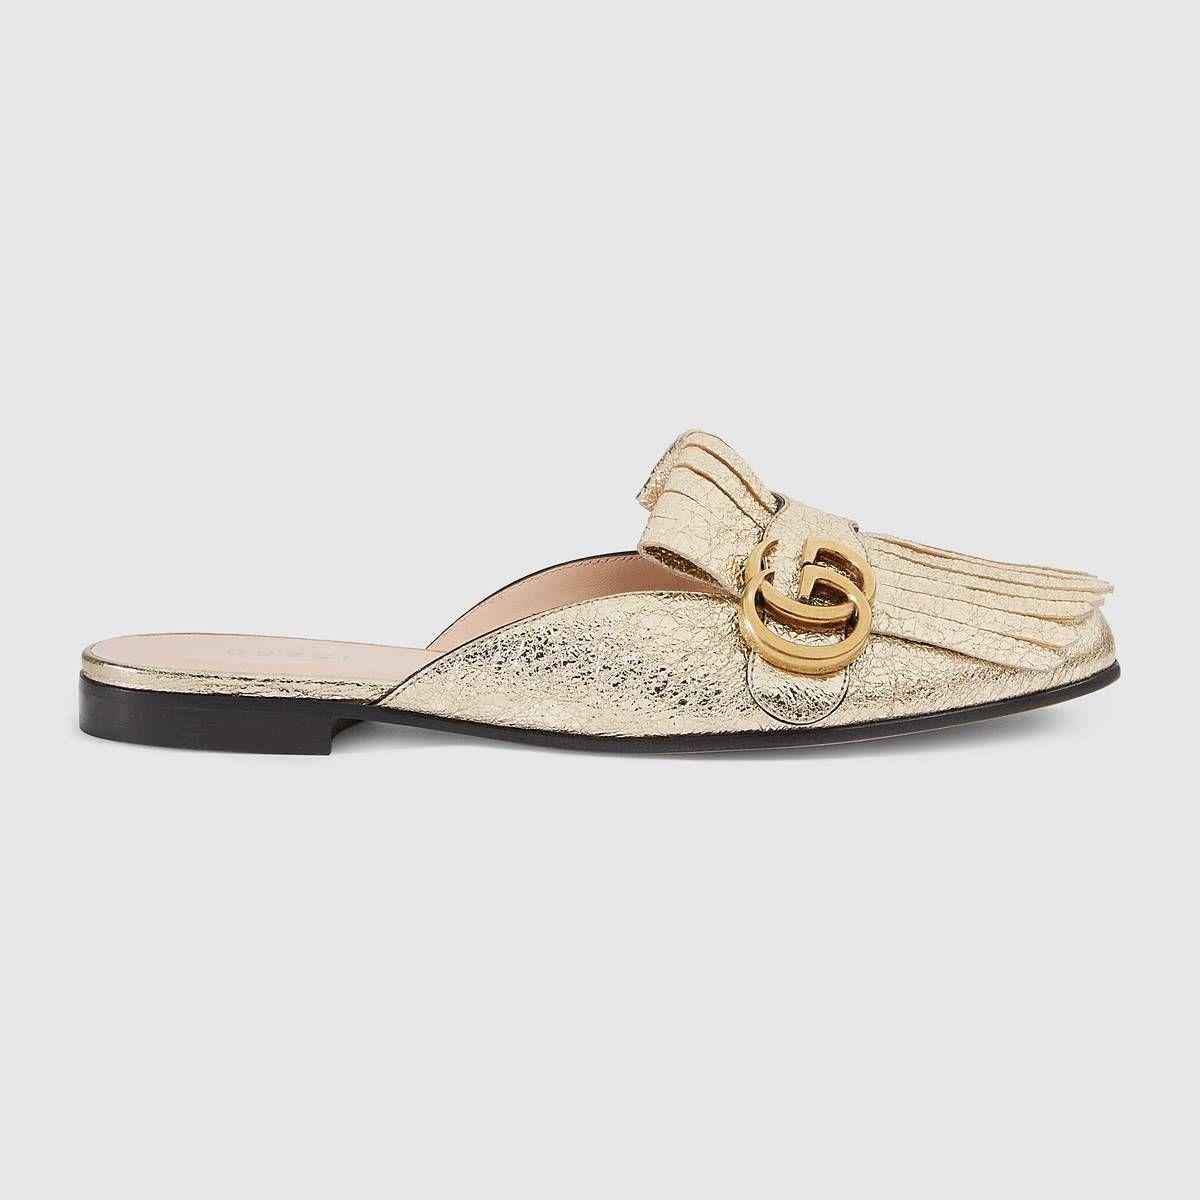 07e0fffe5 Gucci Marmont metallic laminate leather slipper  ad